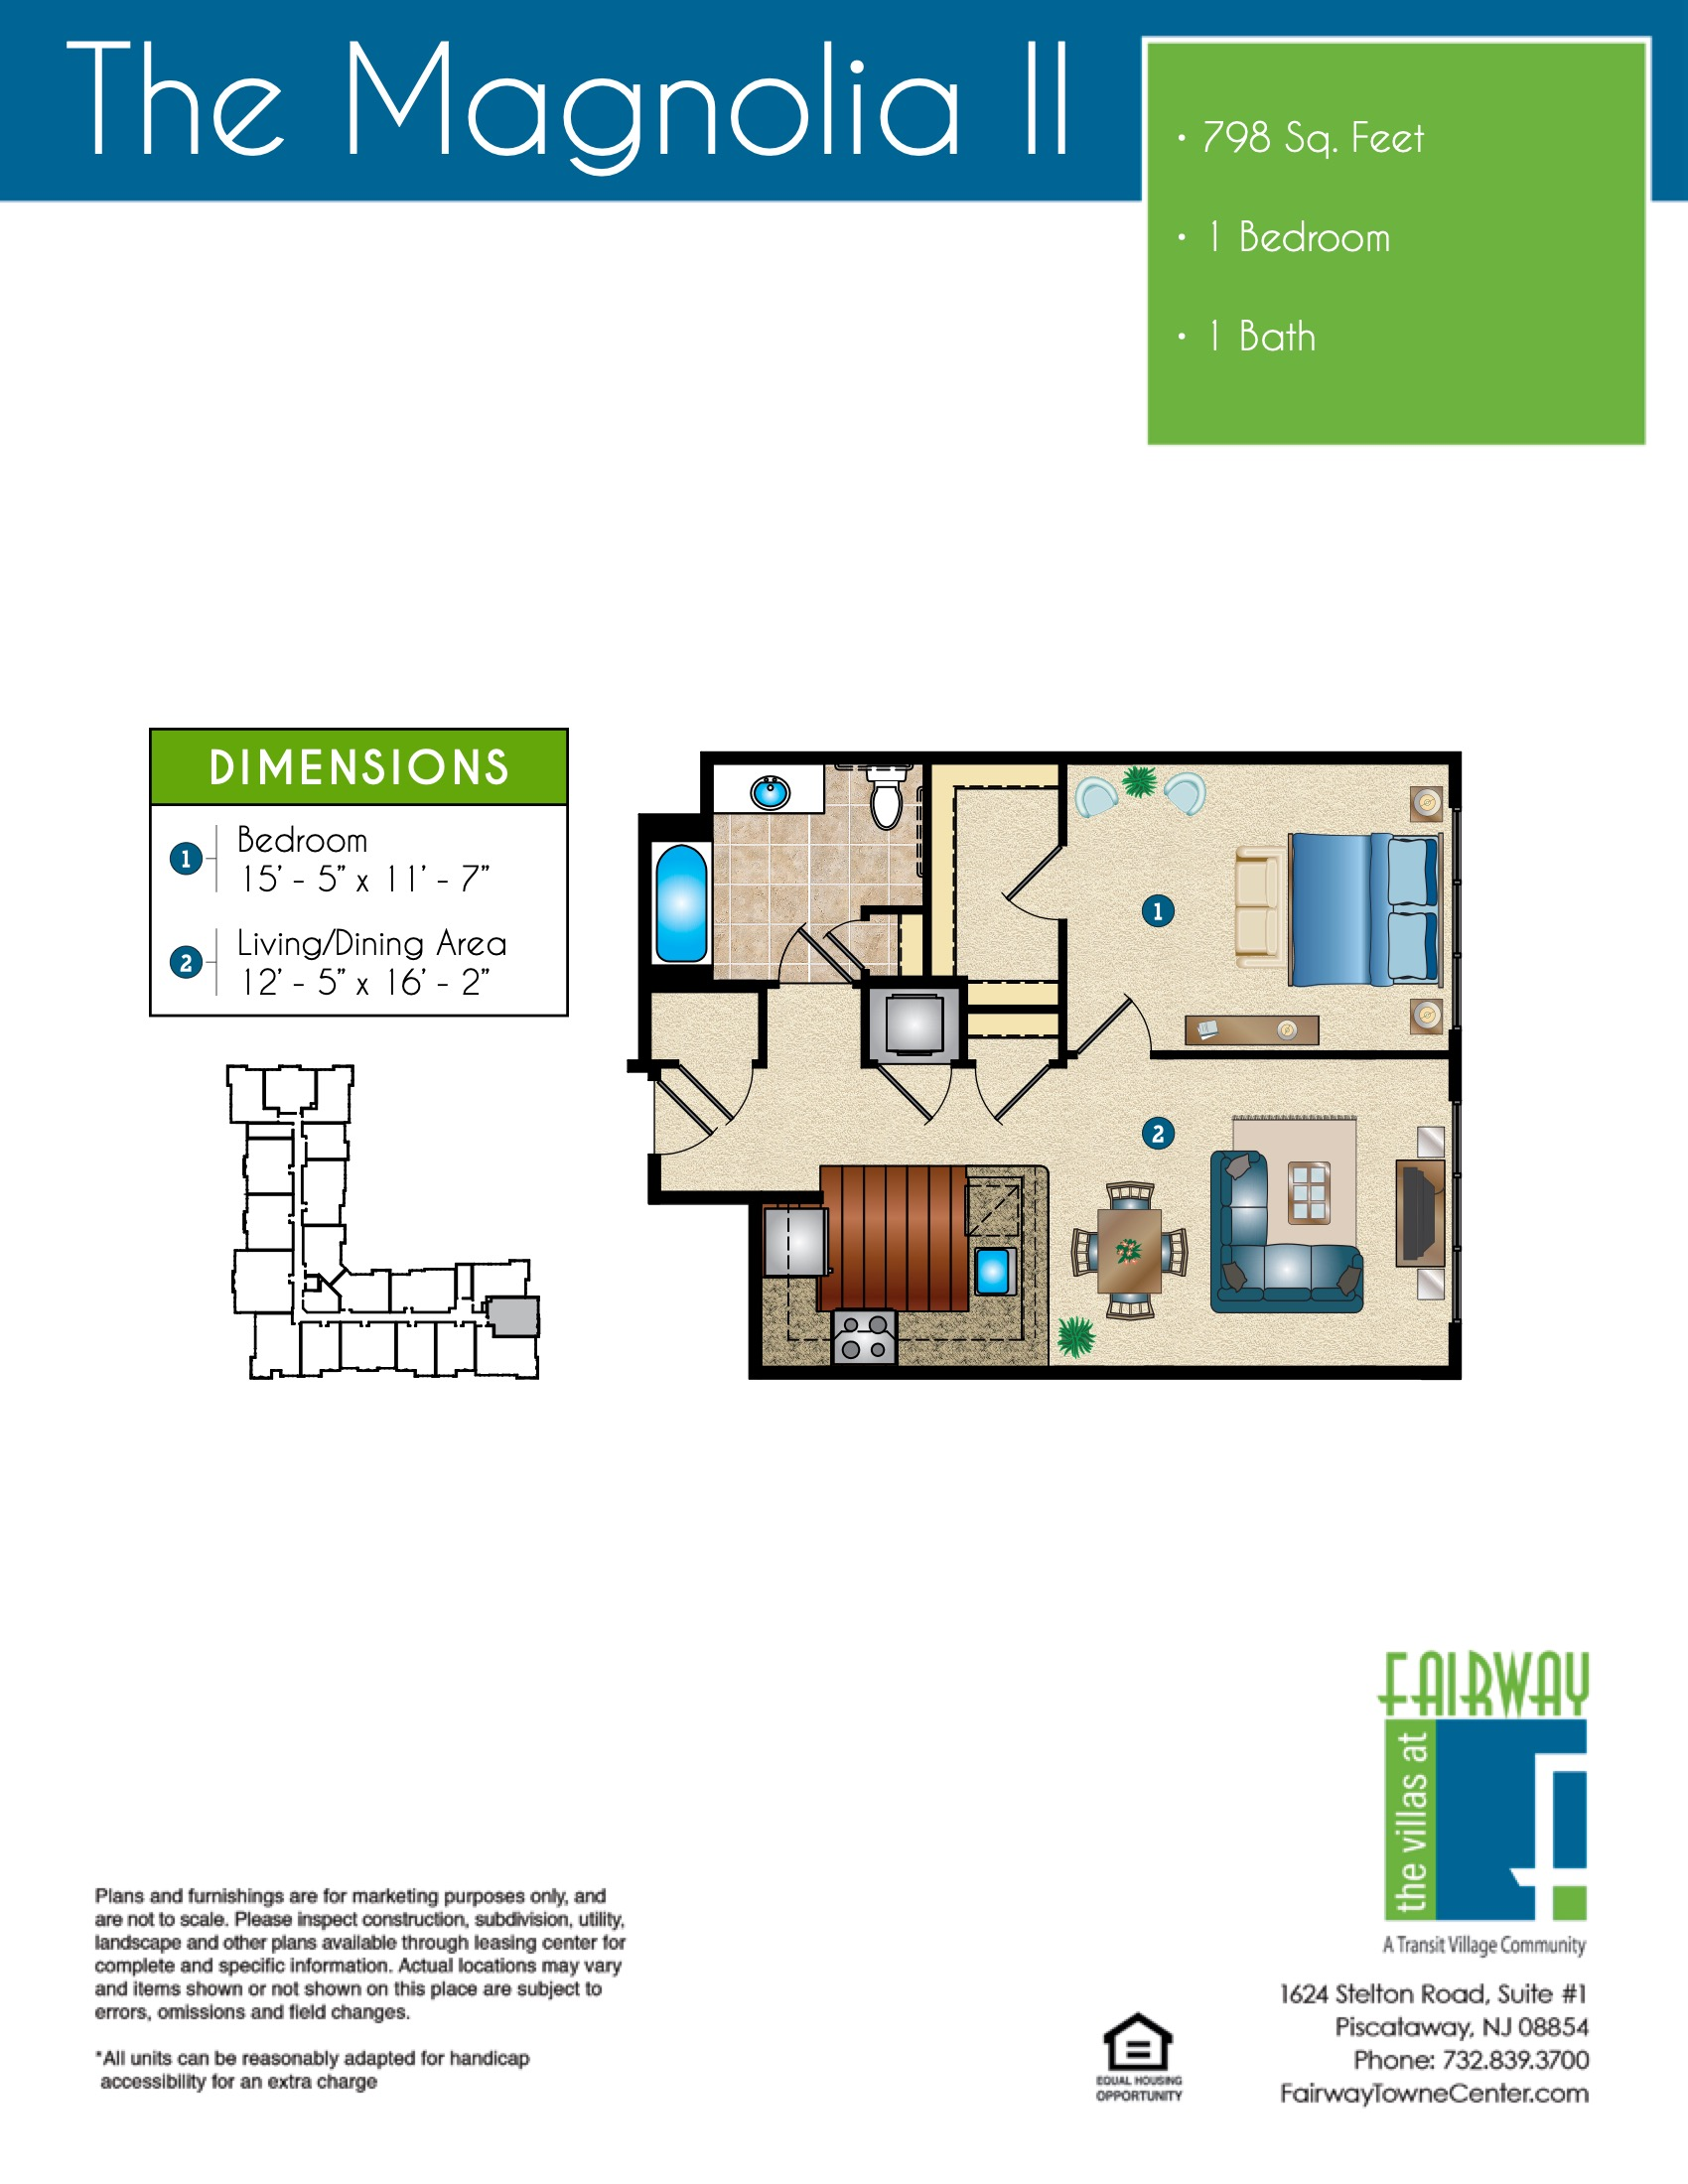 The Magnolia II Floor Plan